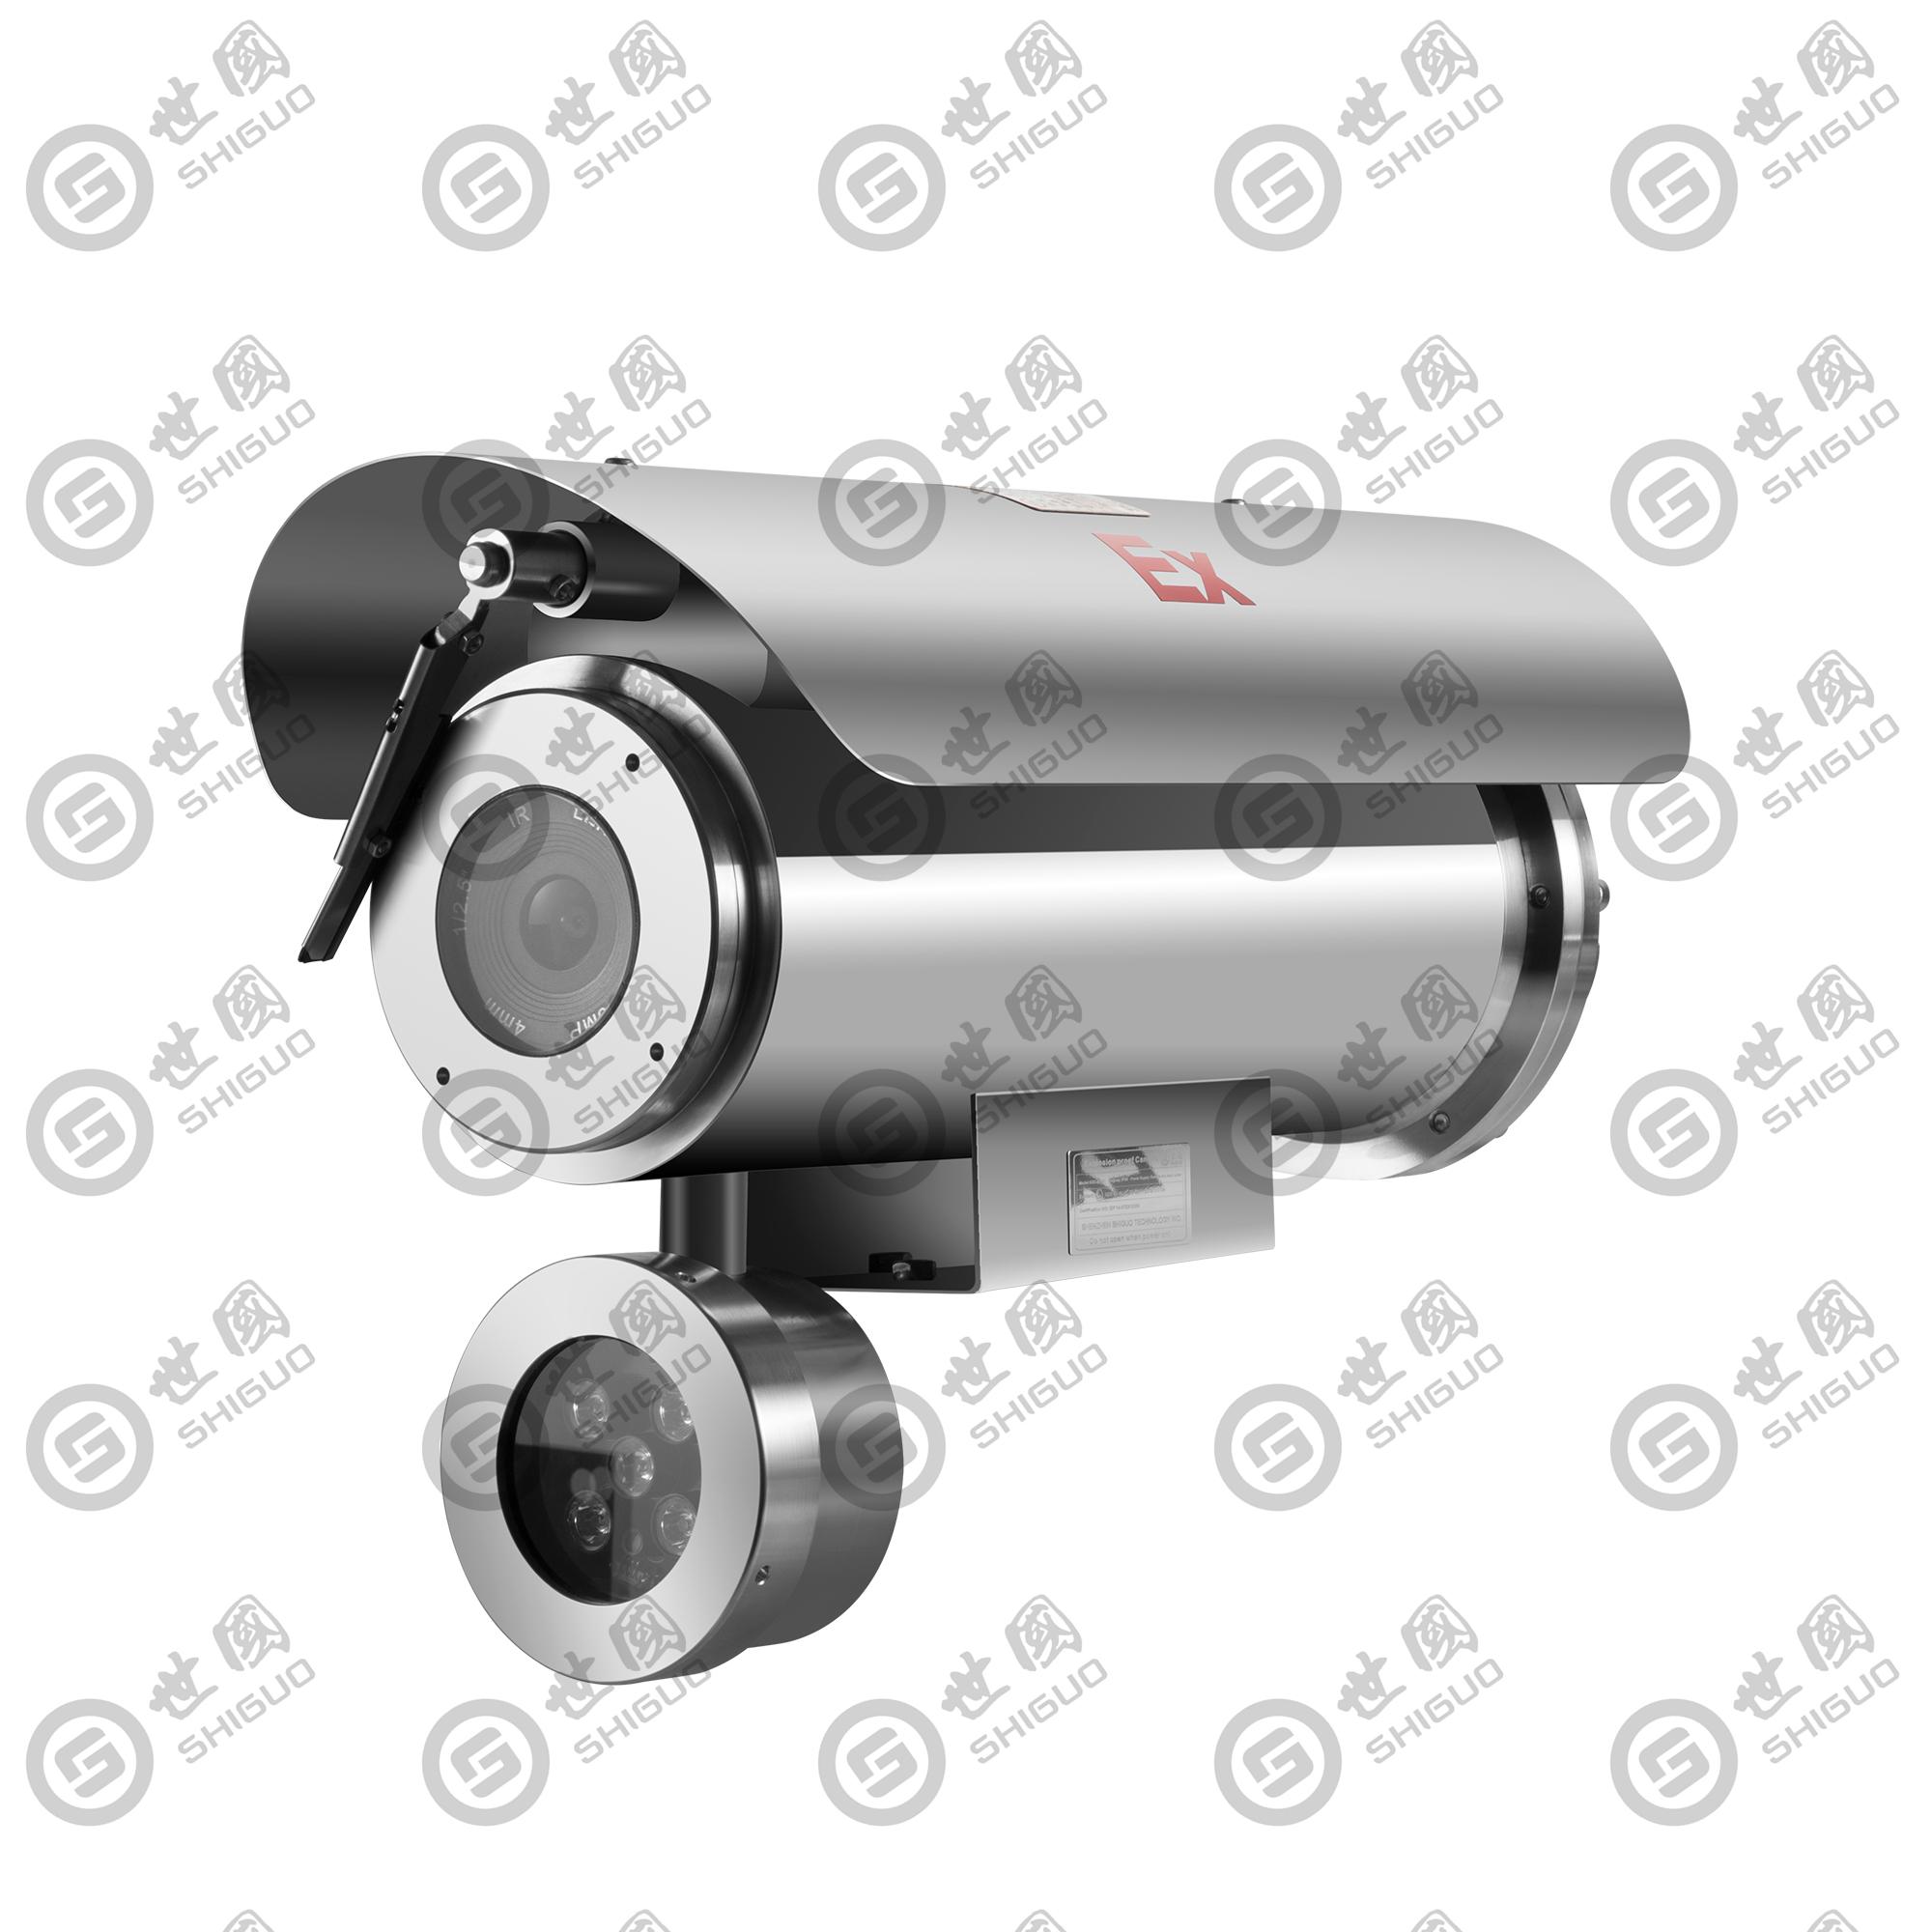 防爆红外摄像机,防爆热成像仪,防爆摄像头,防爆摄像机,防爆高清摄像机